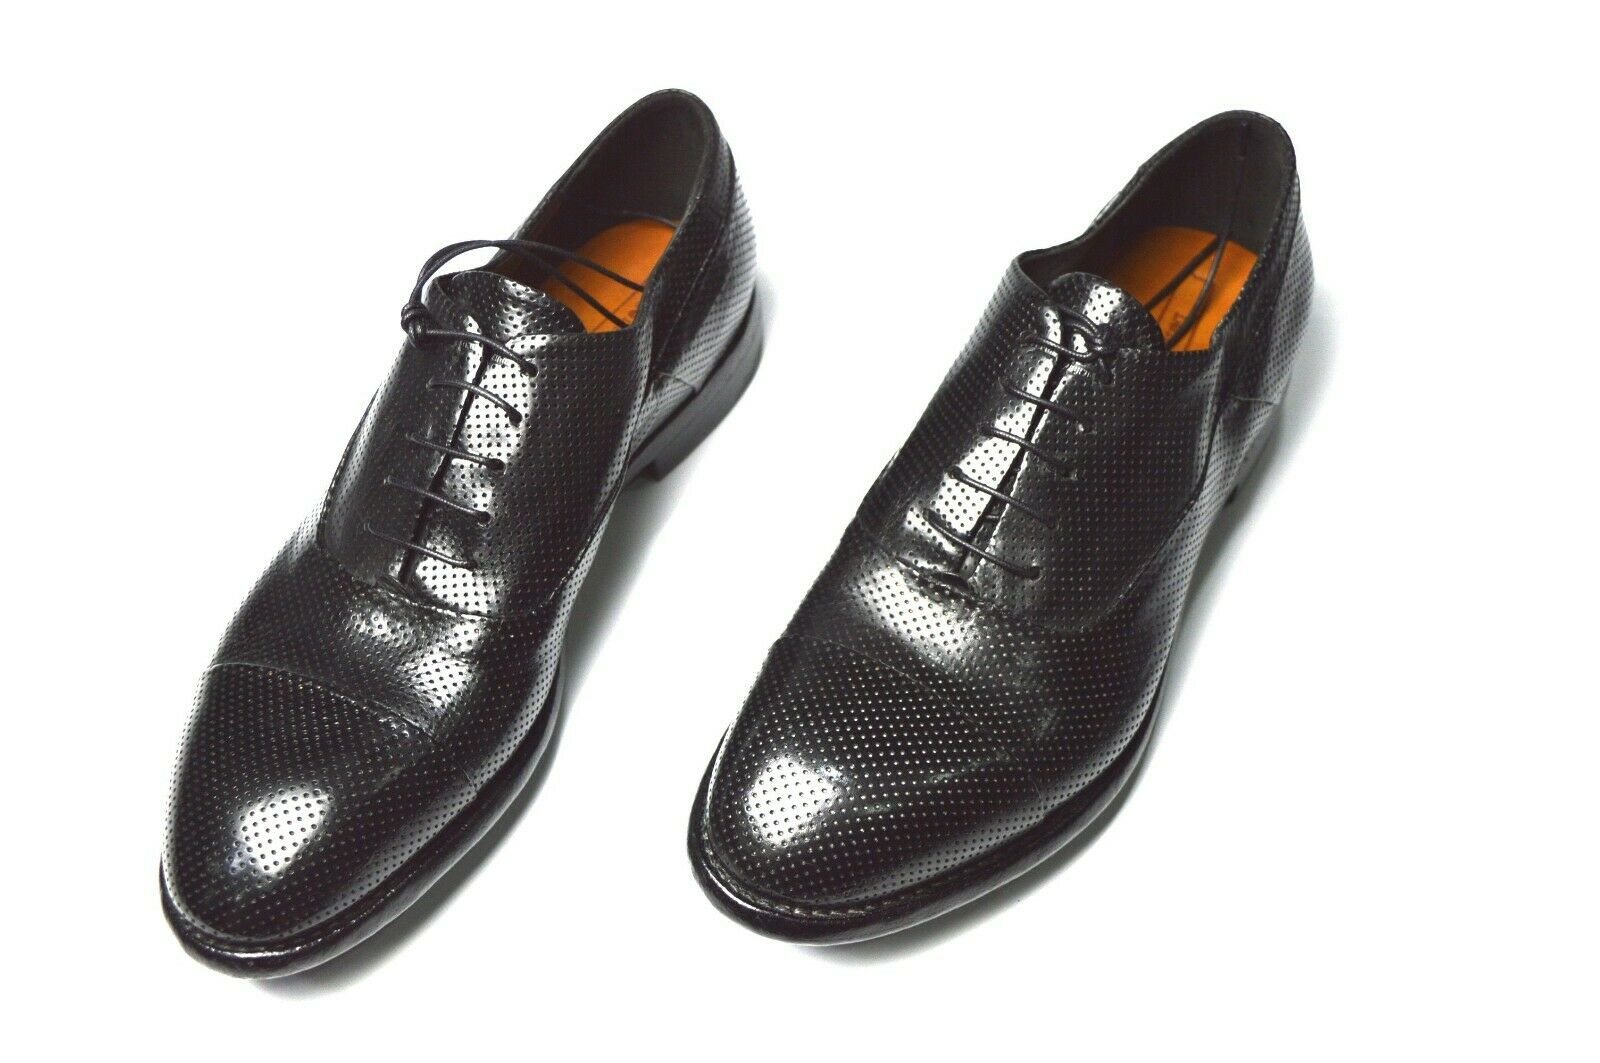 NEW LEMARGO Dress Leather shoes  Size Eu 42.5 Us 9.5 (CodLM1)